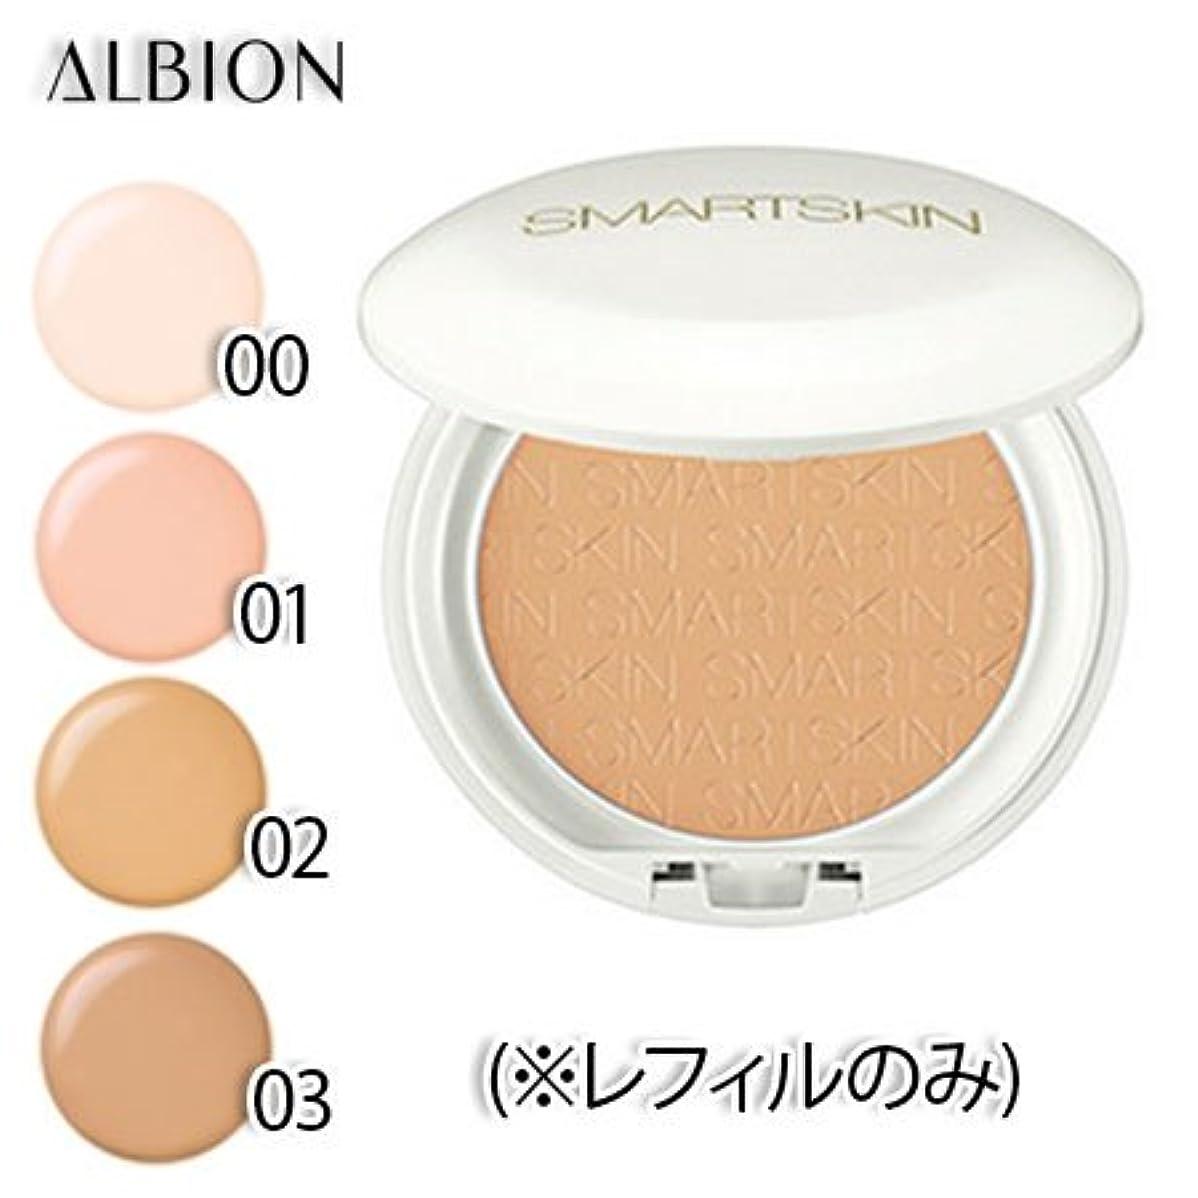 単なるプット法律によりアルビオン スマートスキン ホワイトレア 全4色 (レフィルのみ) SPF40 PA++++ 10g -ALBION- 00